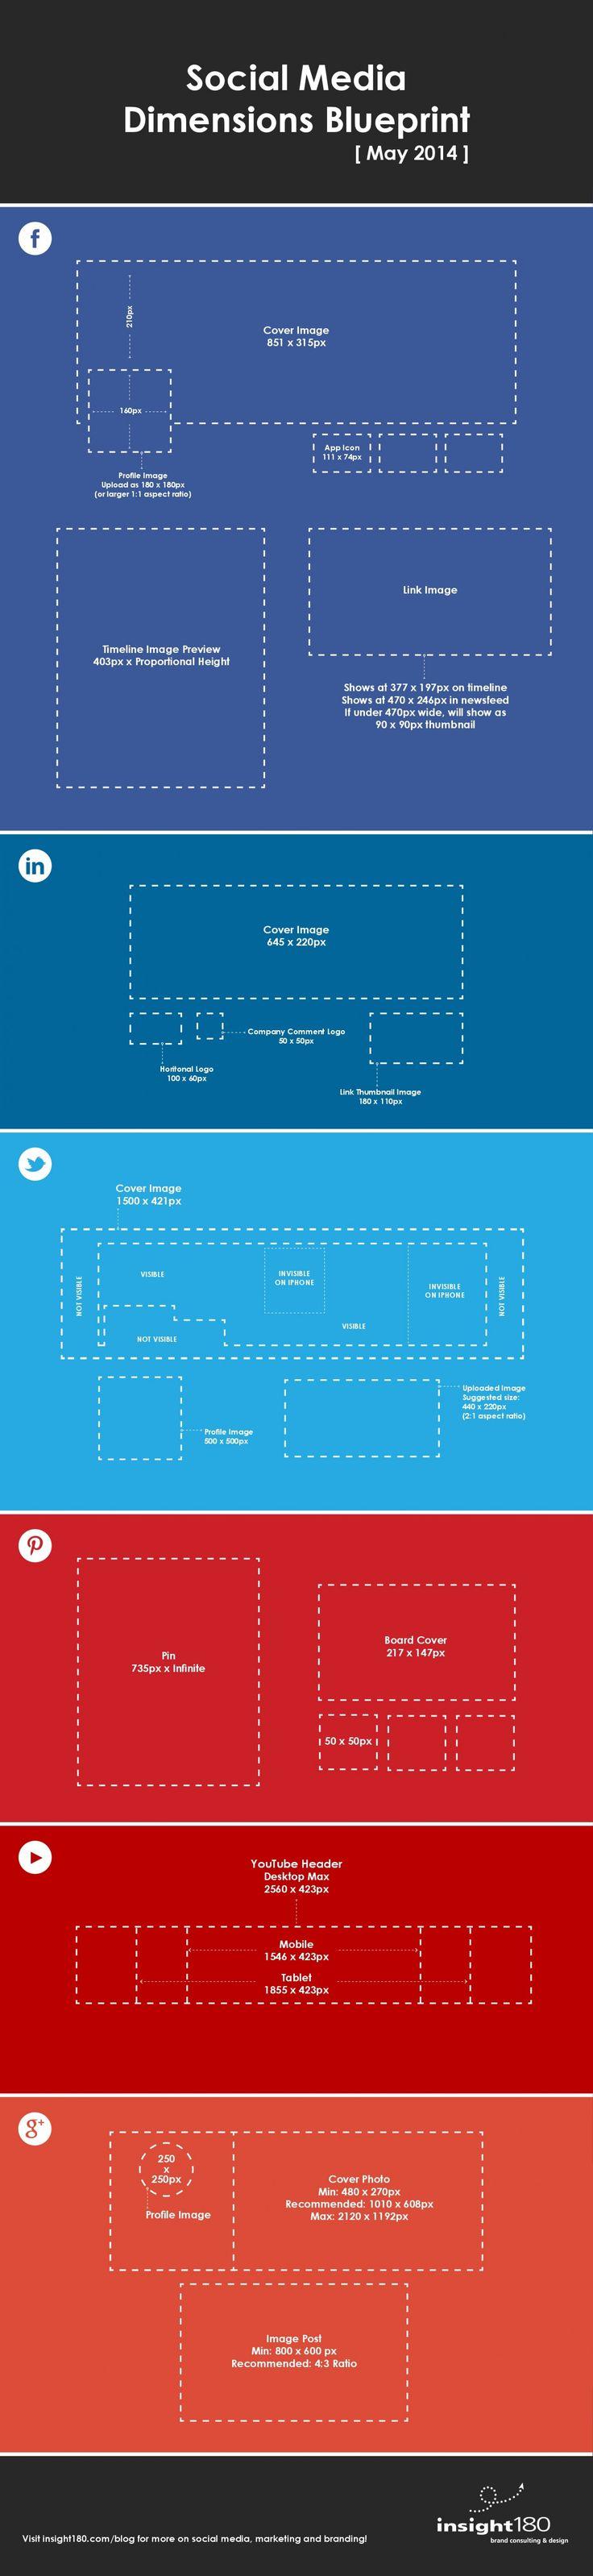 Immer wieder wird nach den Bildgrößen in sozialen Netzwerken gefragt. Eine Infografik fasst die wichtigsten Maße nun im Überblick zusammen.